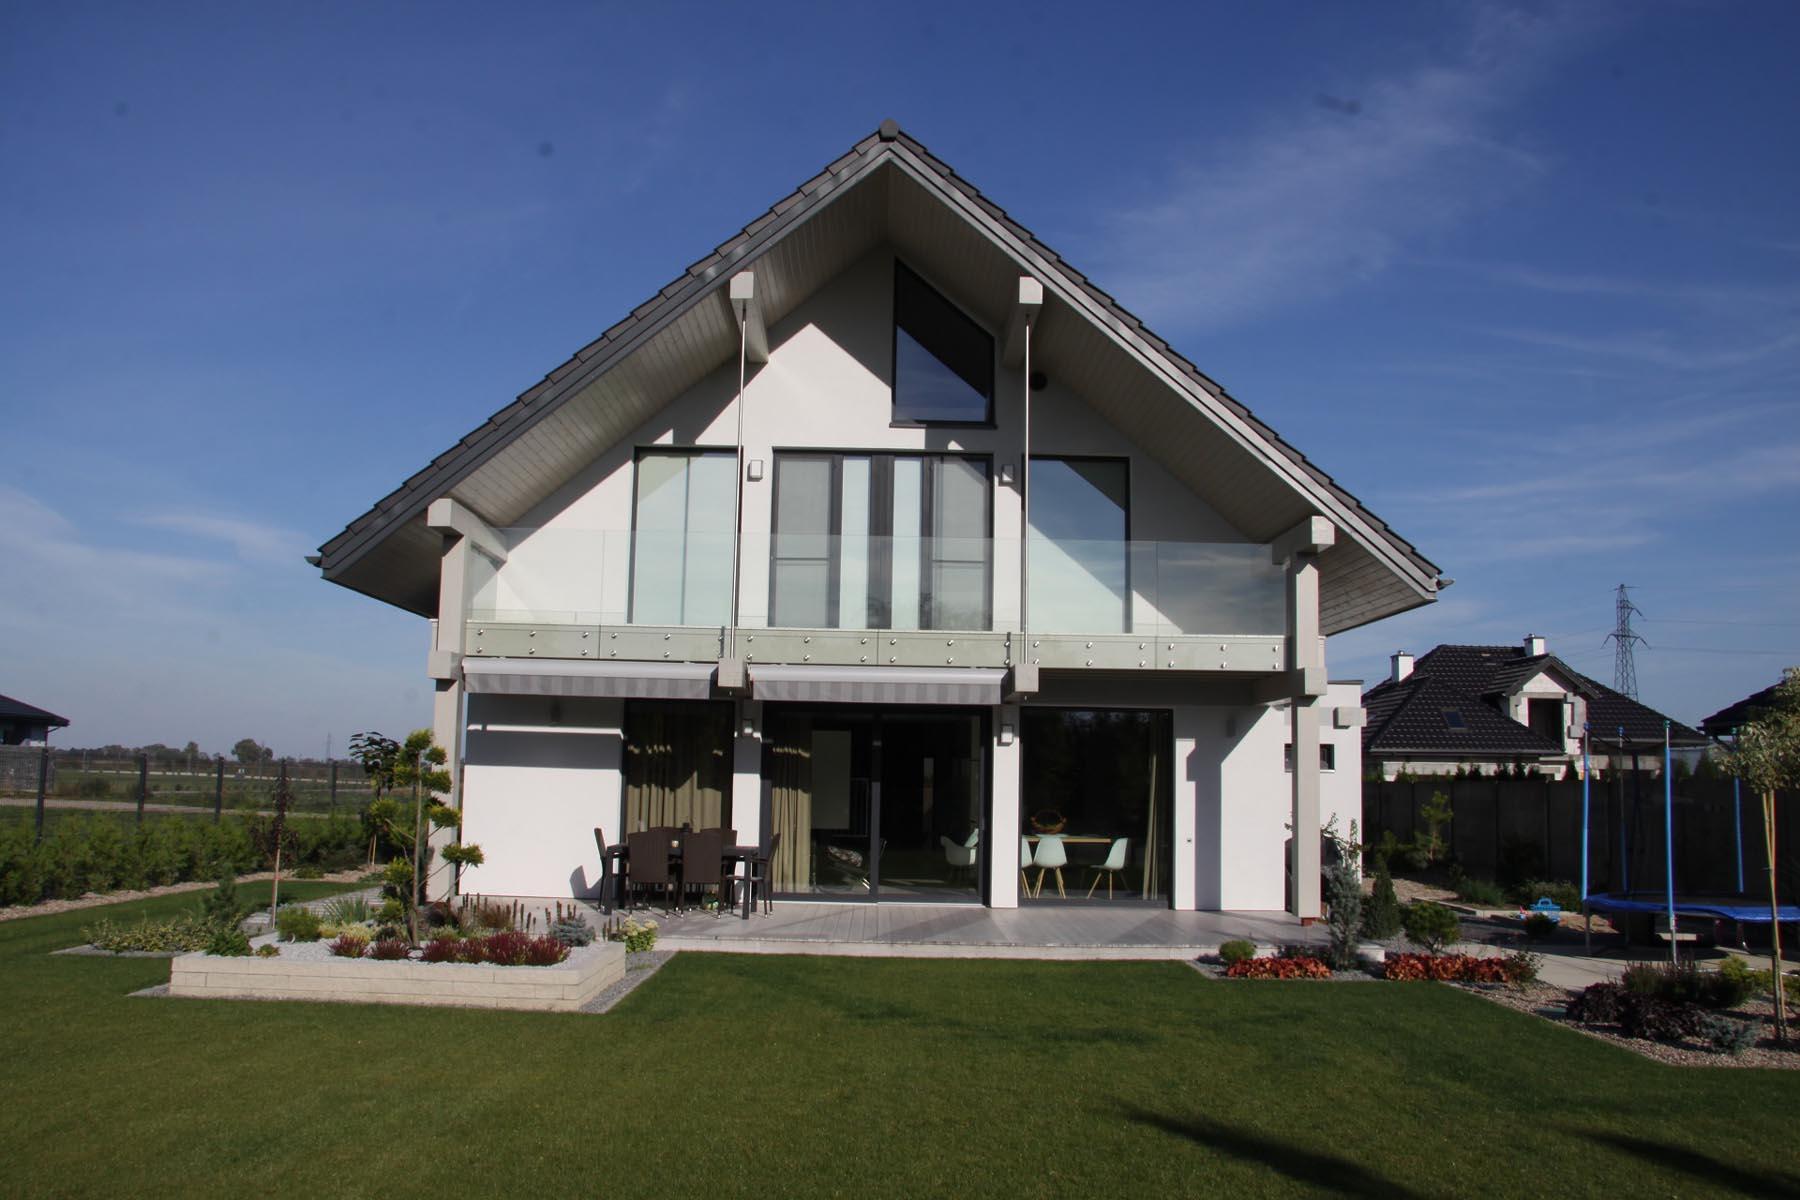 projekt-domu-otwarty-4-fot-14-1477055689-pz8lvztc.jpg